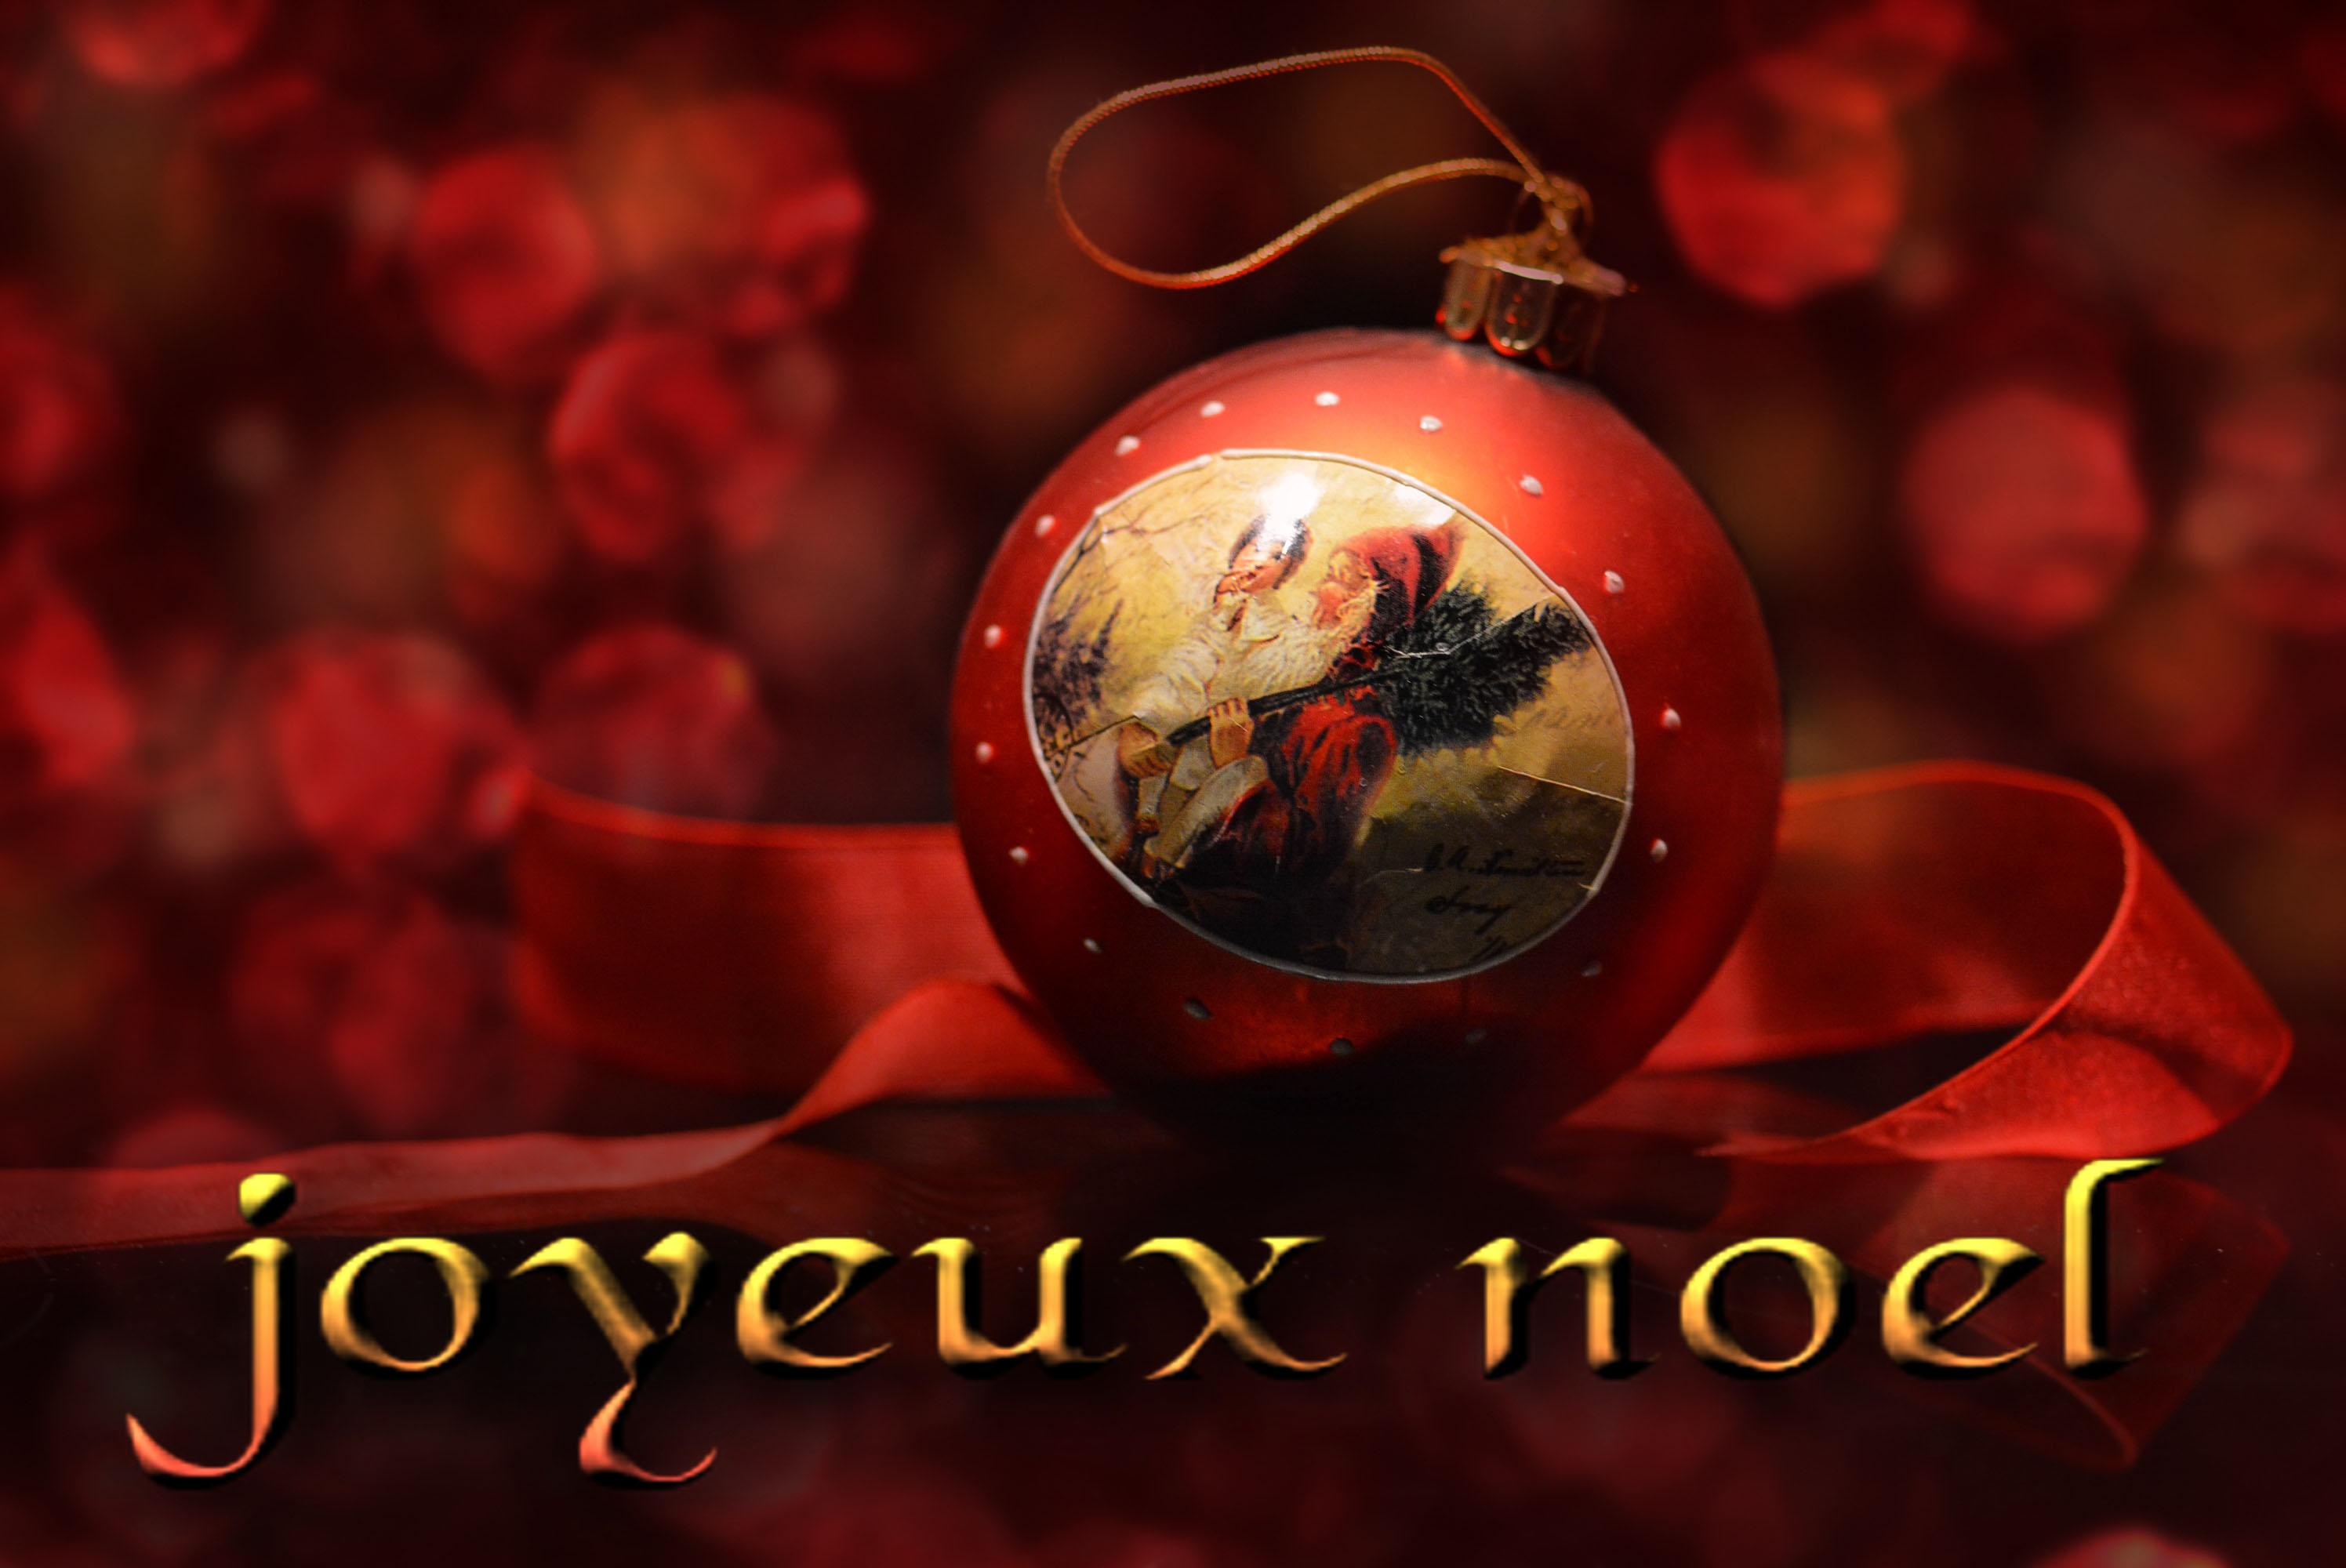 Joyeux Noel Images Gratuites.Joyeux Noel Cartes De Voeux Gratuites A Imprimer Images